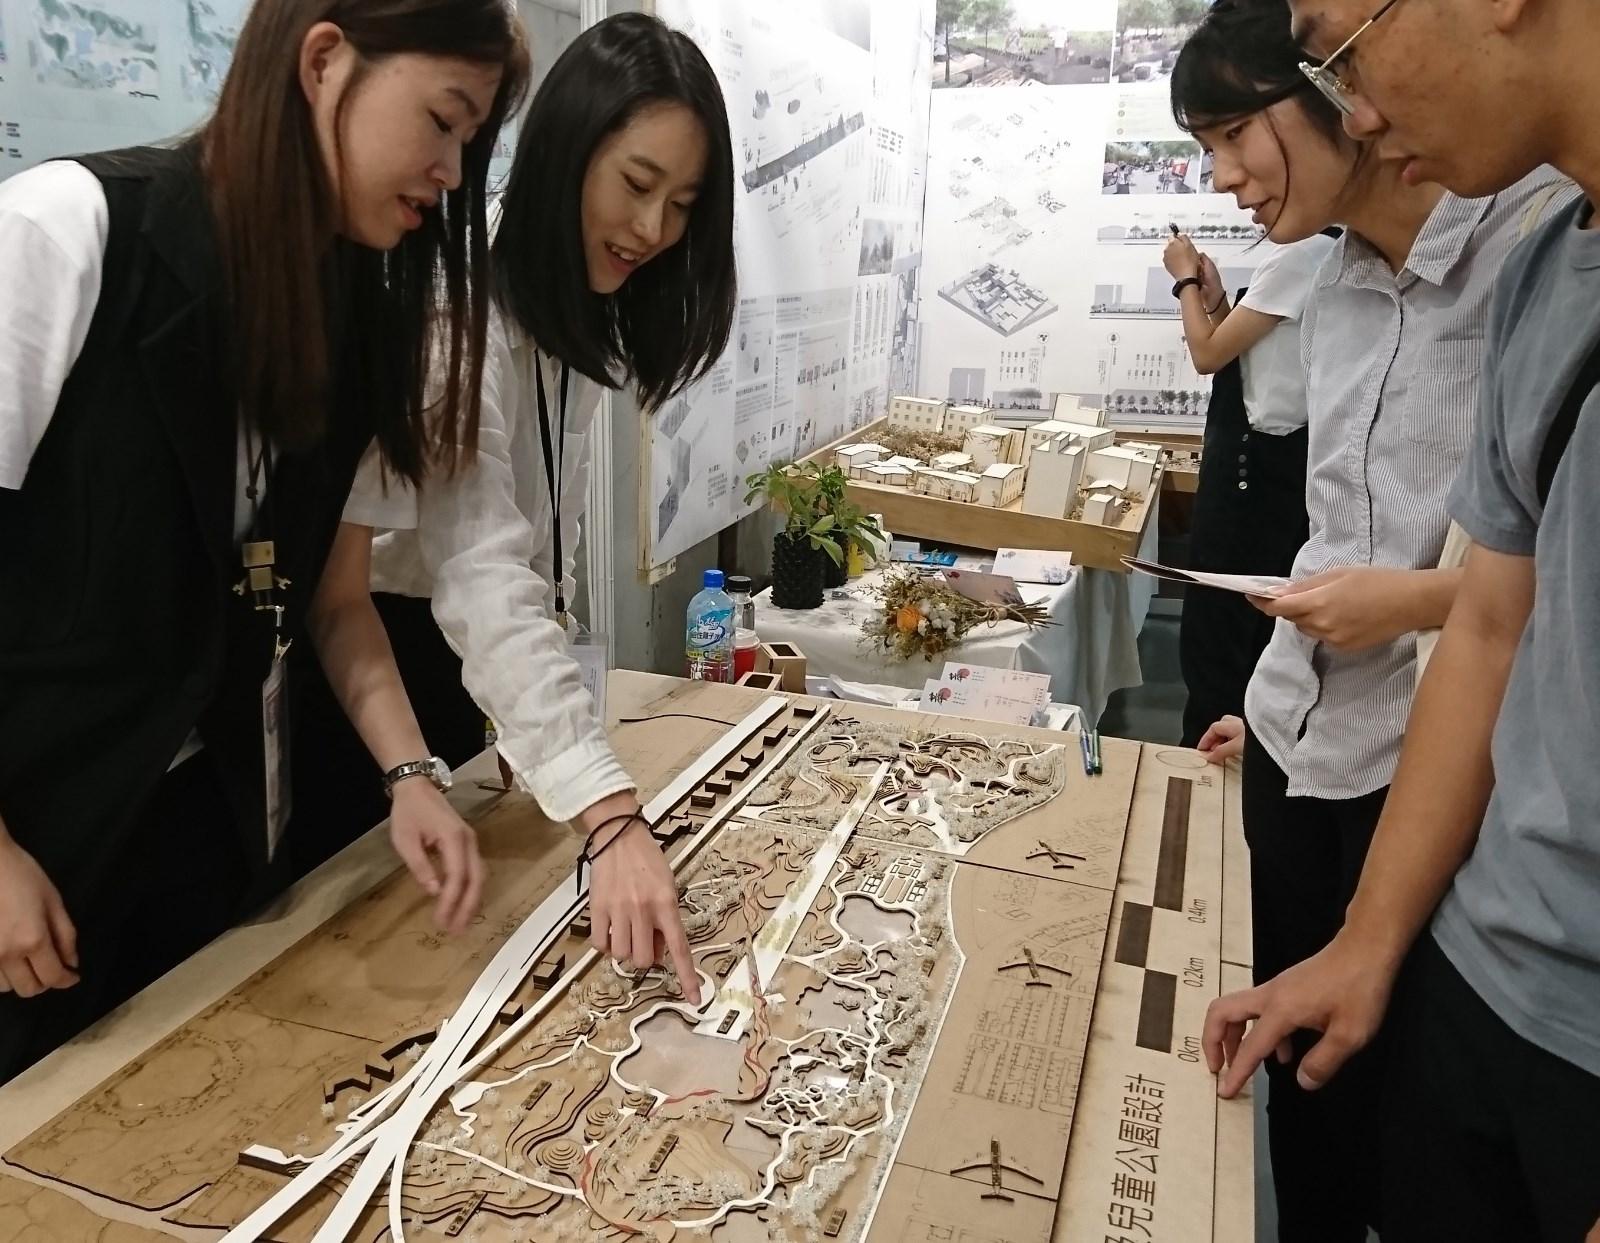 中原景觀系學生設計台北與松山機場釋出的綠地空間規劃,在全國景觀新秀展表現突出。(左起謝佳璇、姚雨均).JPG